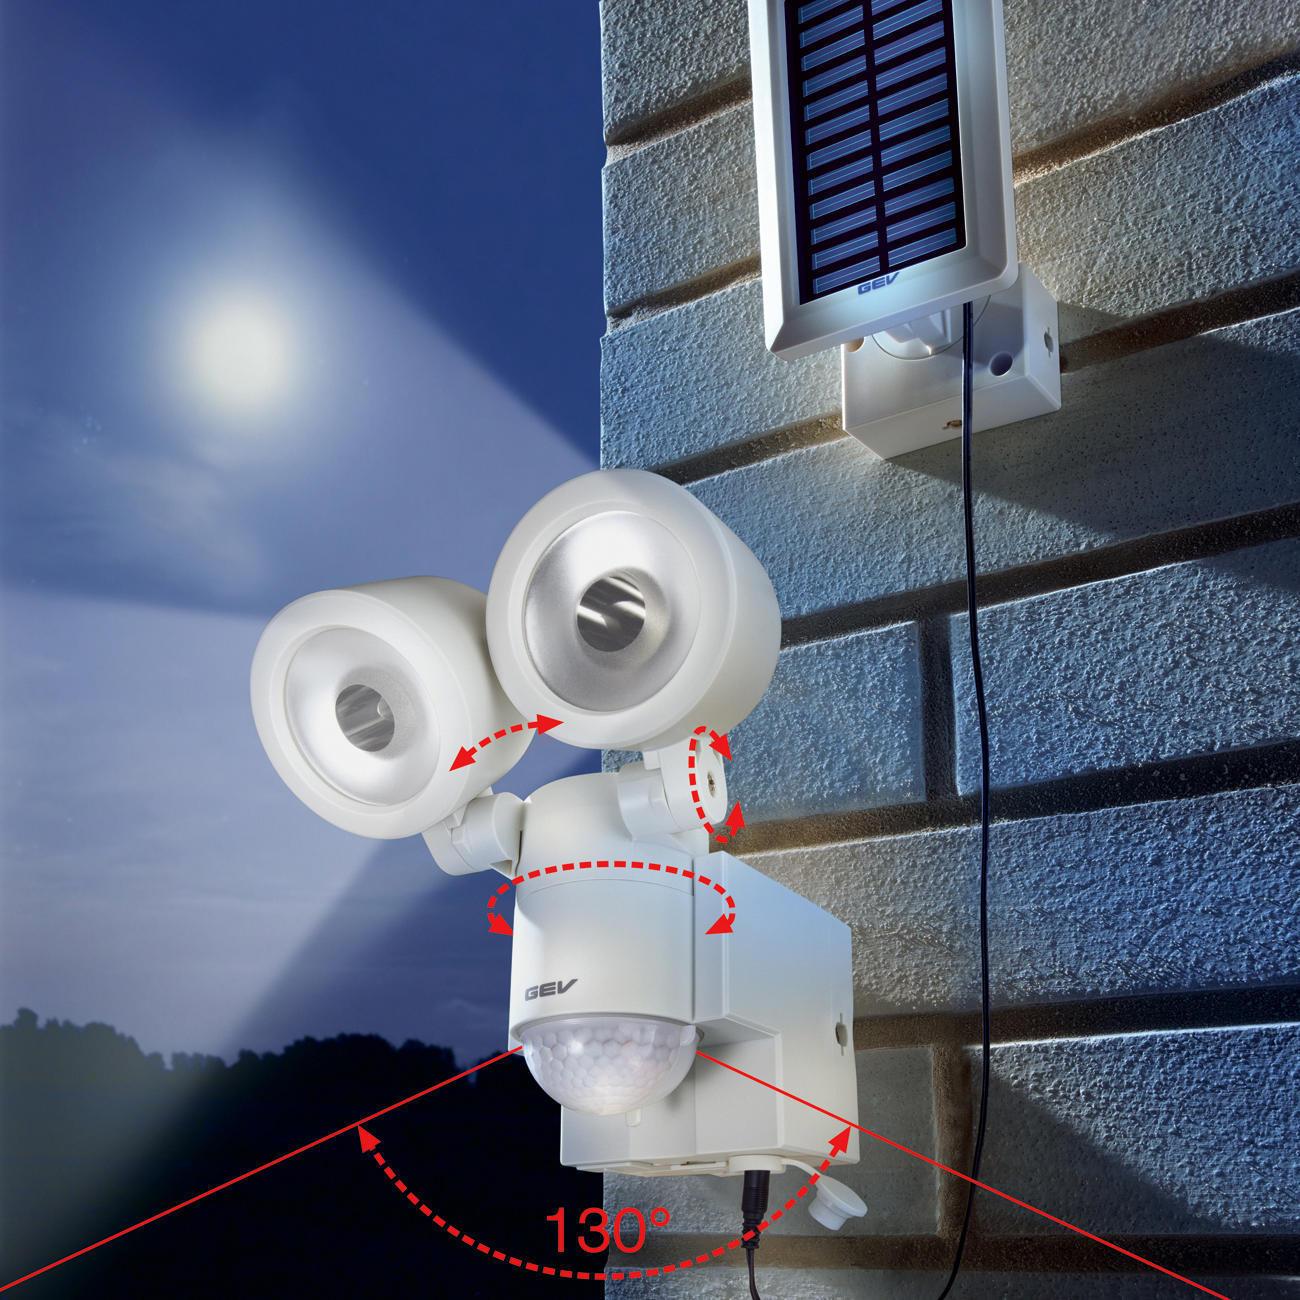 Spot solaire del garantie produit de 3 ans - Spot exterieur detecteur mouvement ...